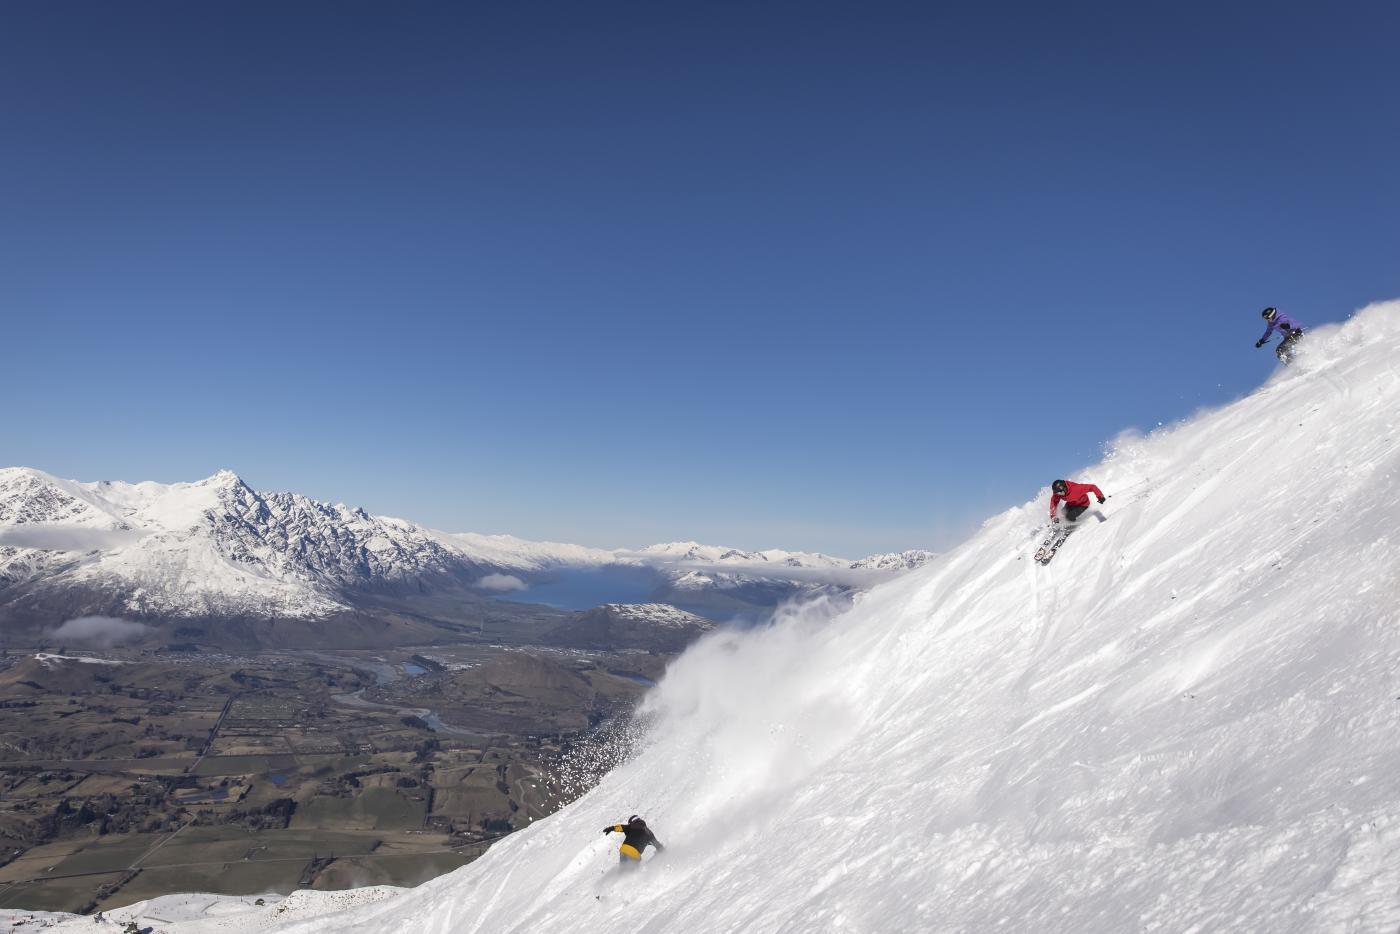 Friends skiing Coronet Peak on a bluebird day